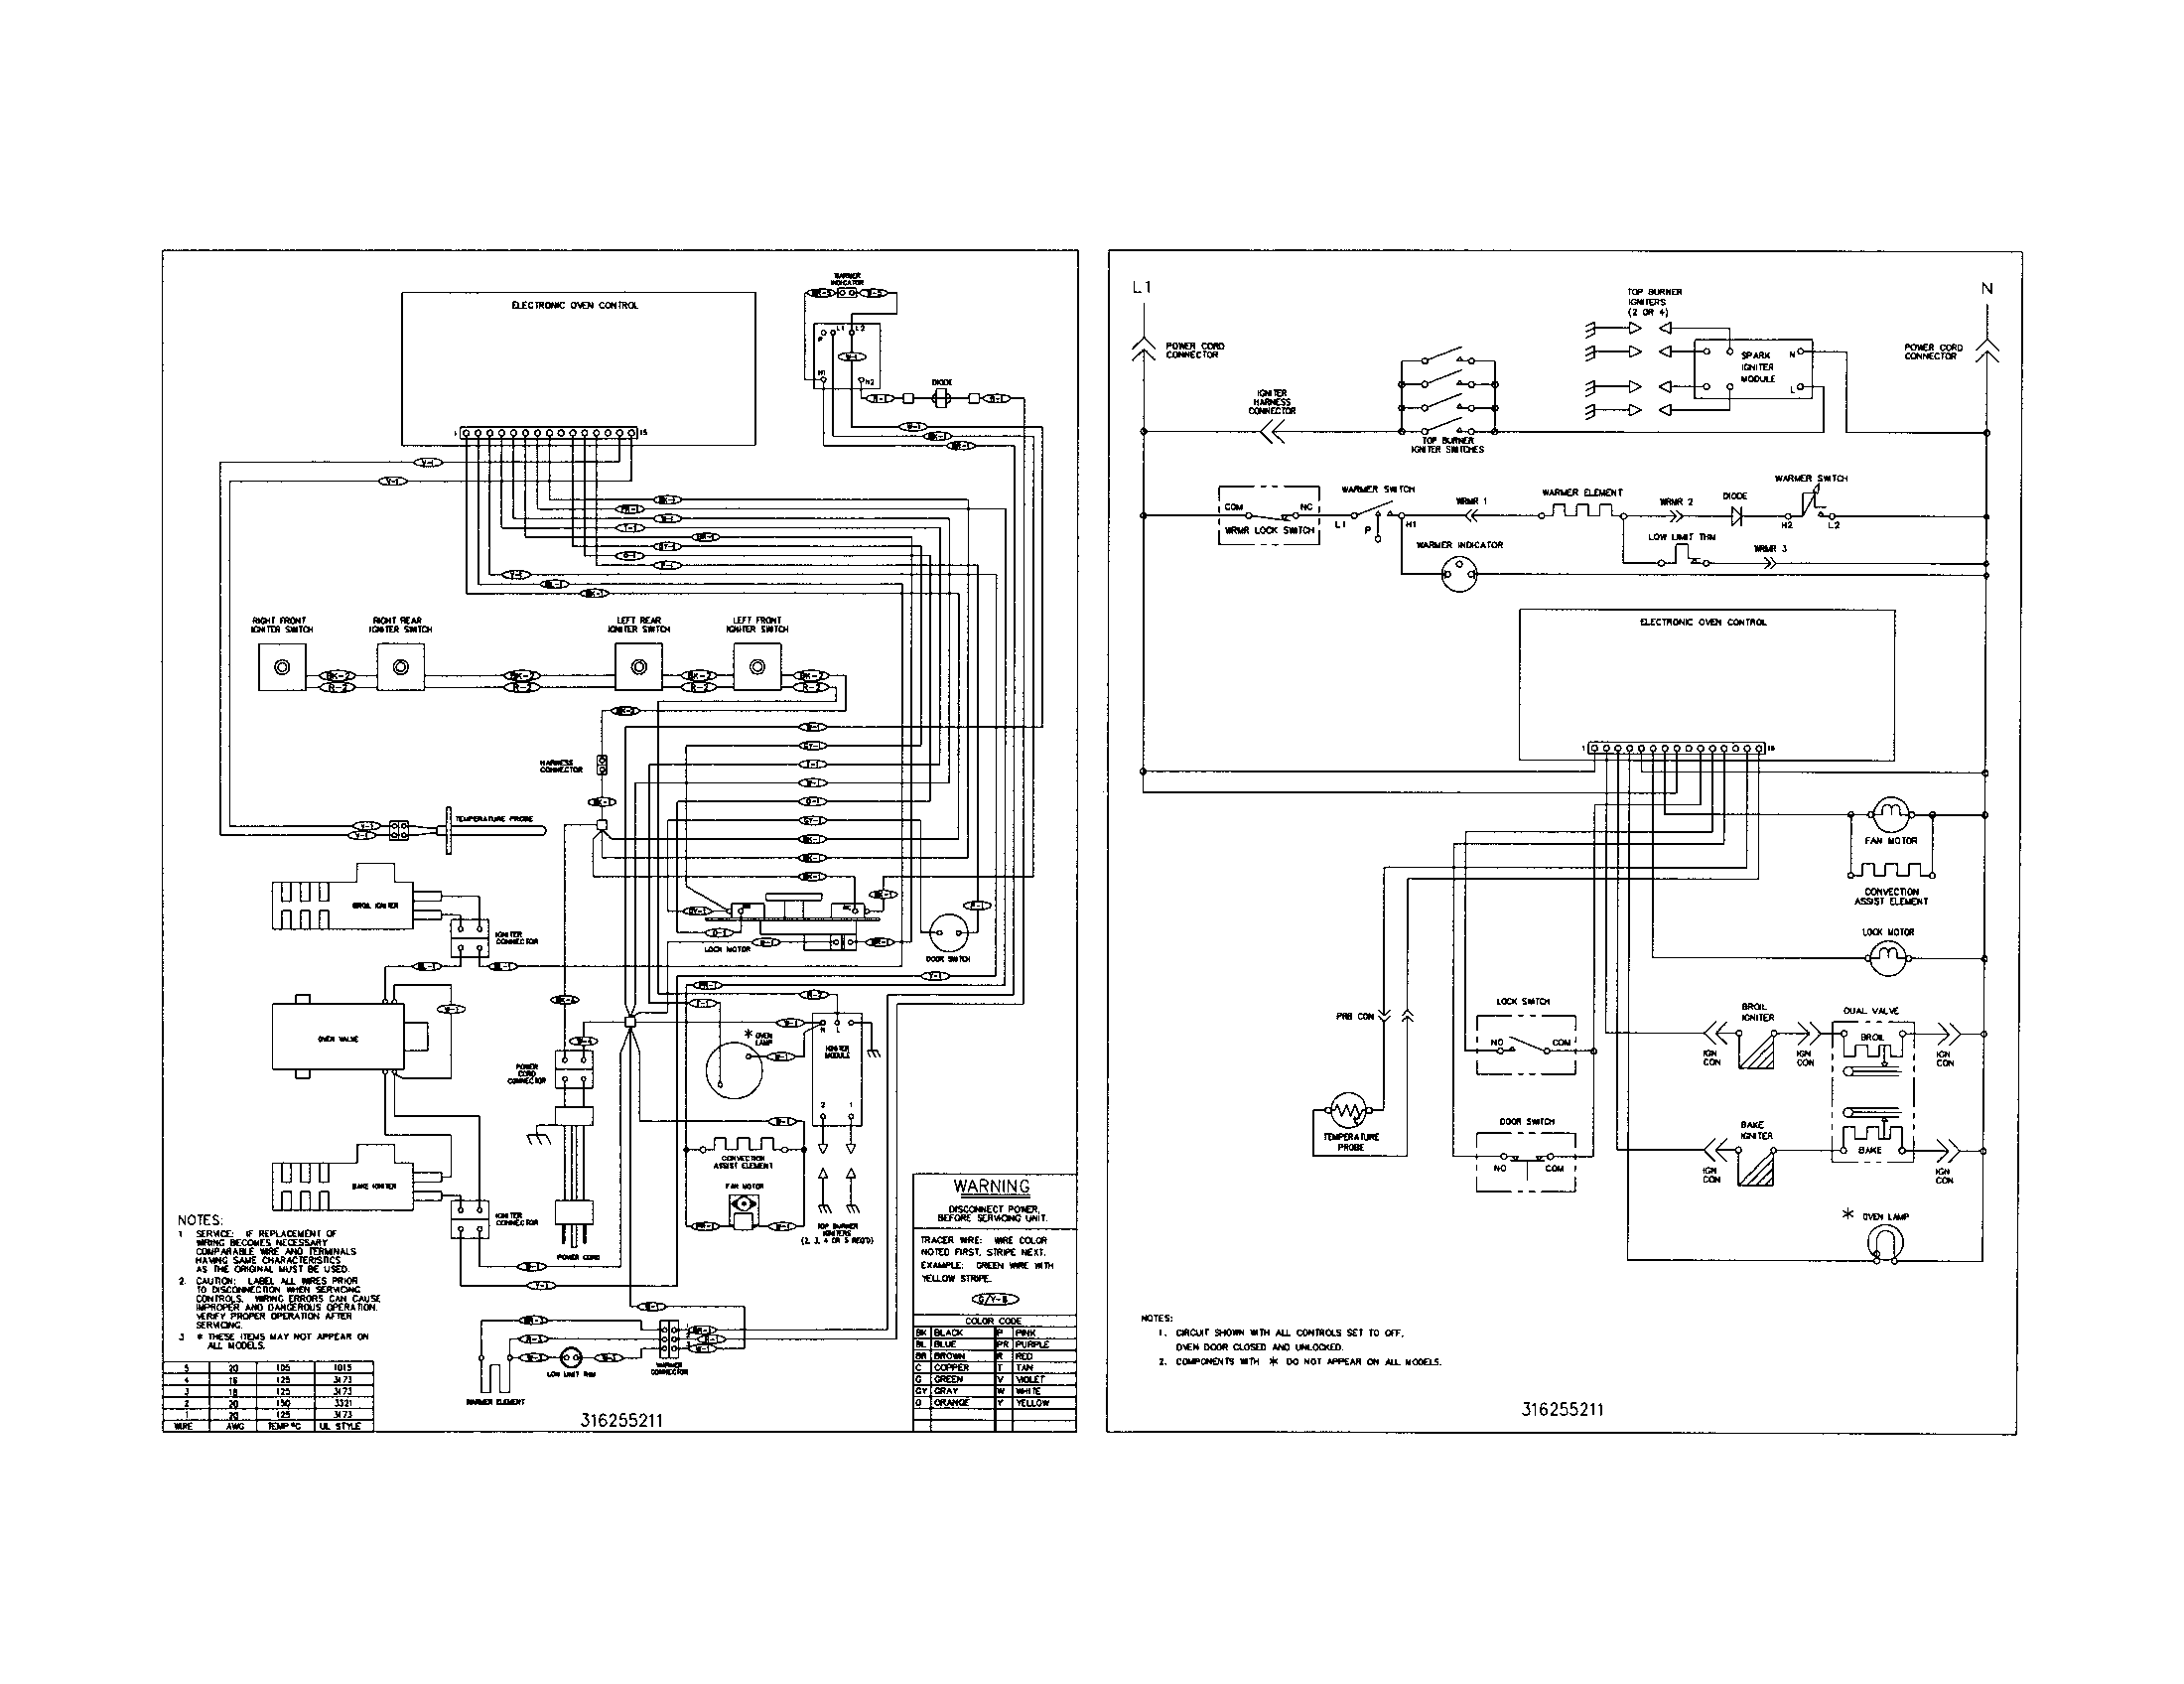 electrolux wiring diagram electrical diagrams forum u2022 rh jimmellon co uk